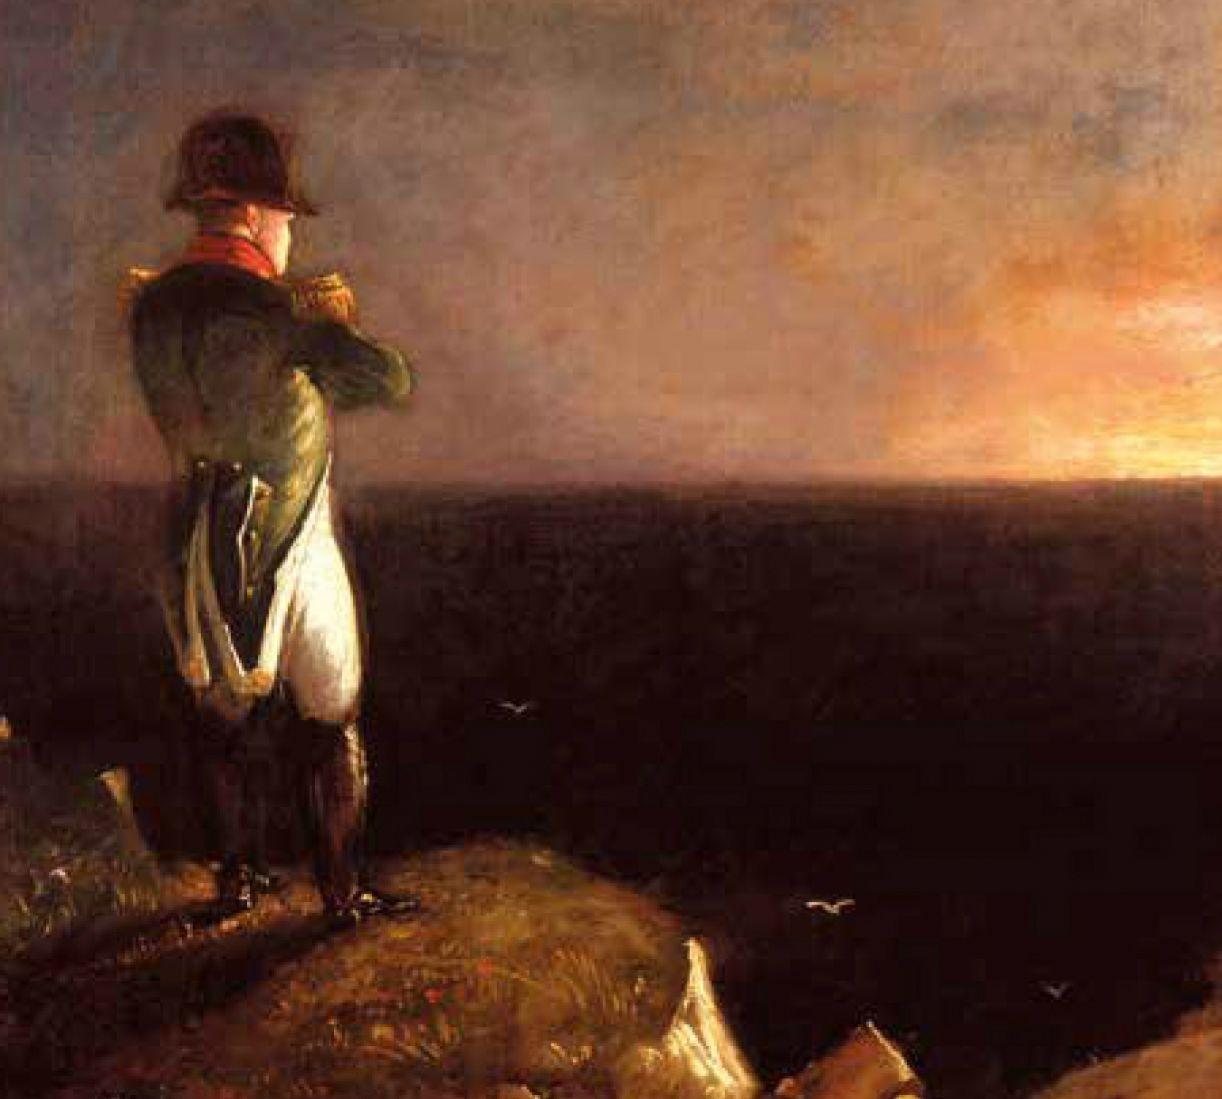 Napoleão: dos muitos retratos do imperador, este evoca o estado de exílio aqui referido